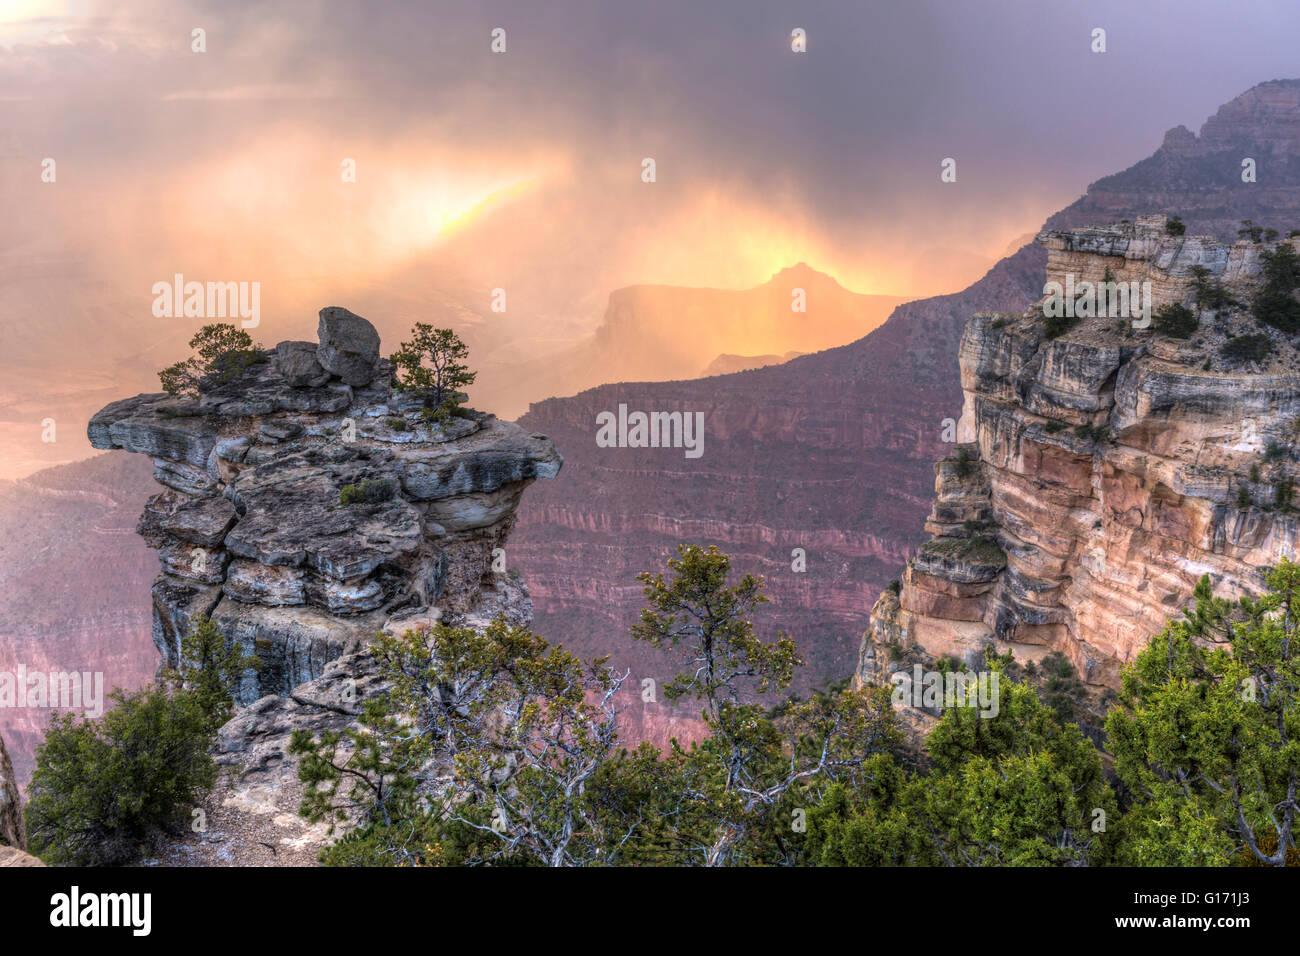 Die Sonne leuchtet die tief hängenden Wolken und wirbelnden Schnee gesehen vom Mather Point in Grand Canyon Stockbild